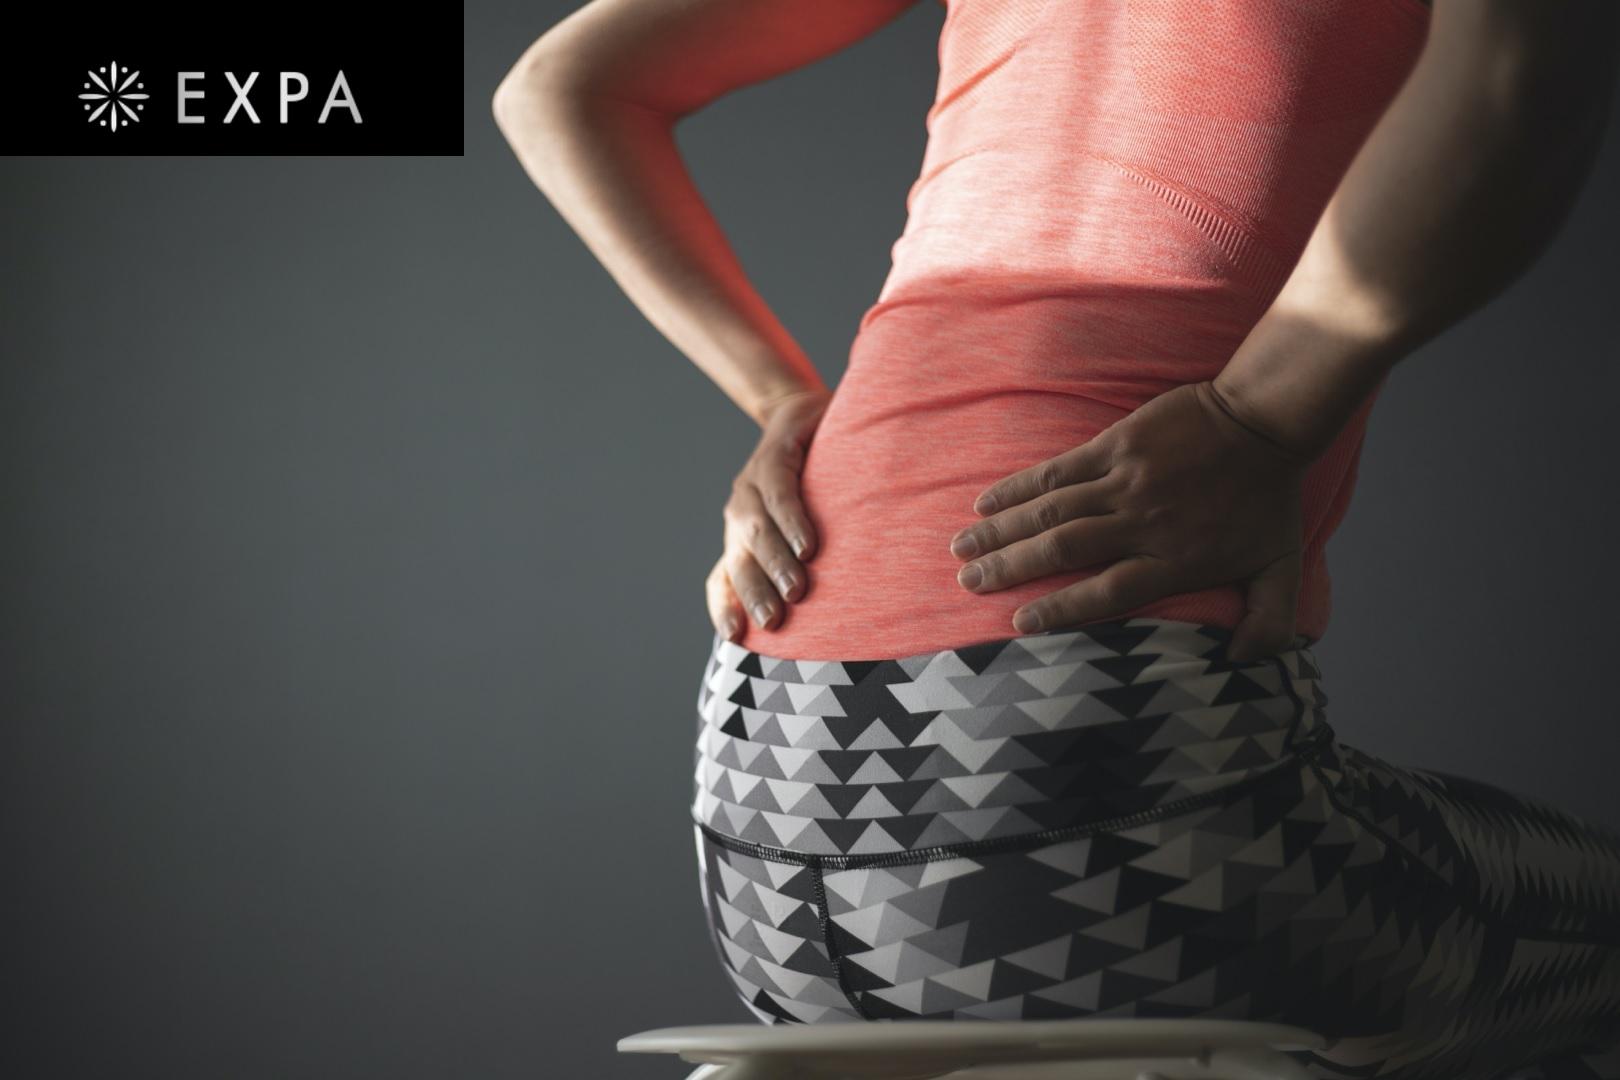 筋肉痛(expa)